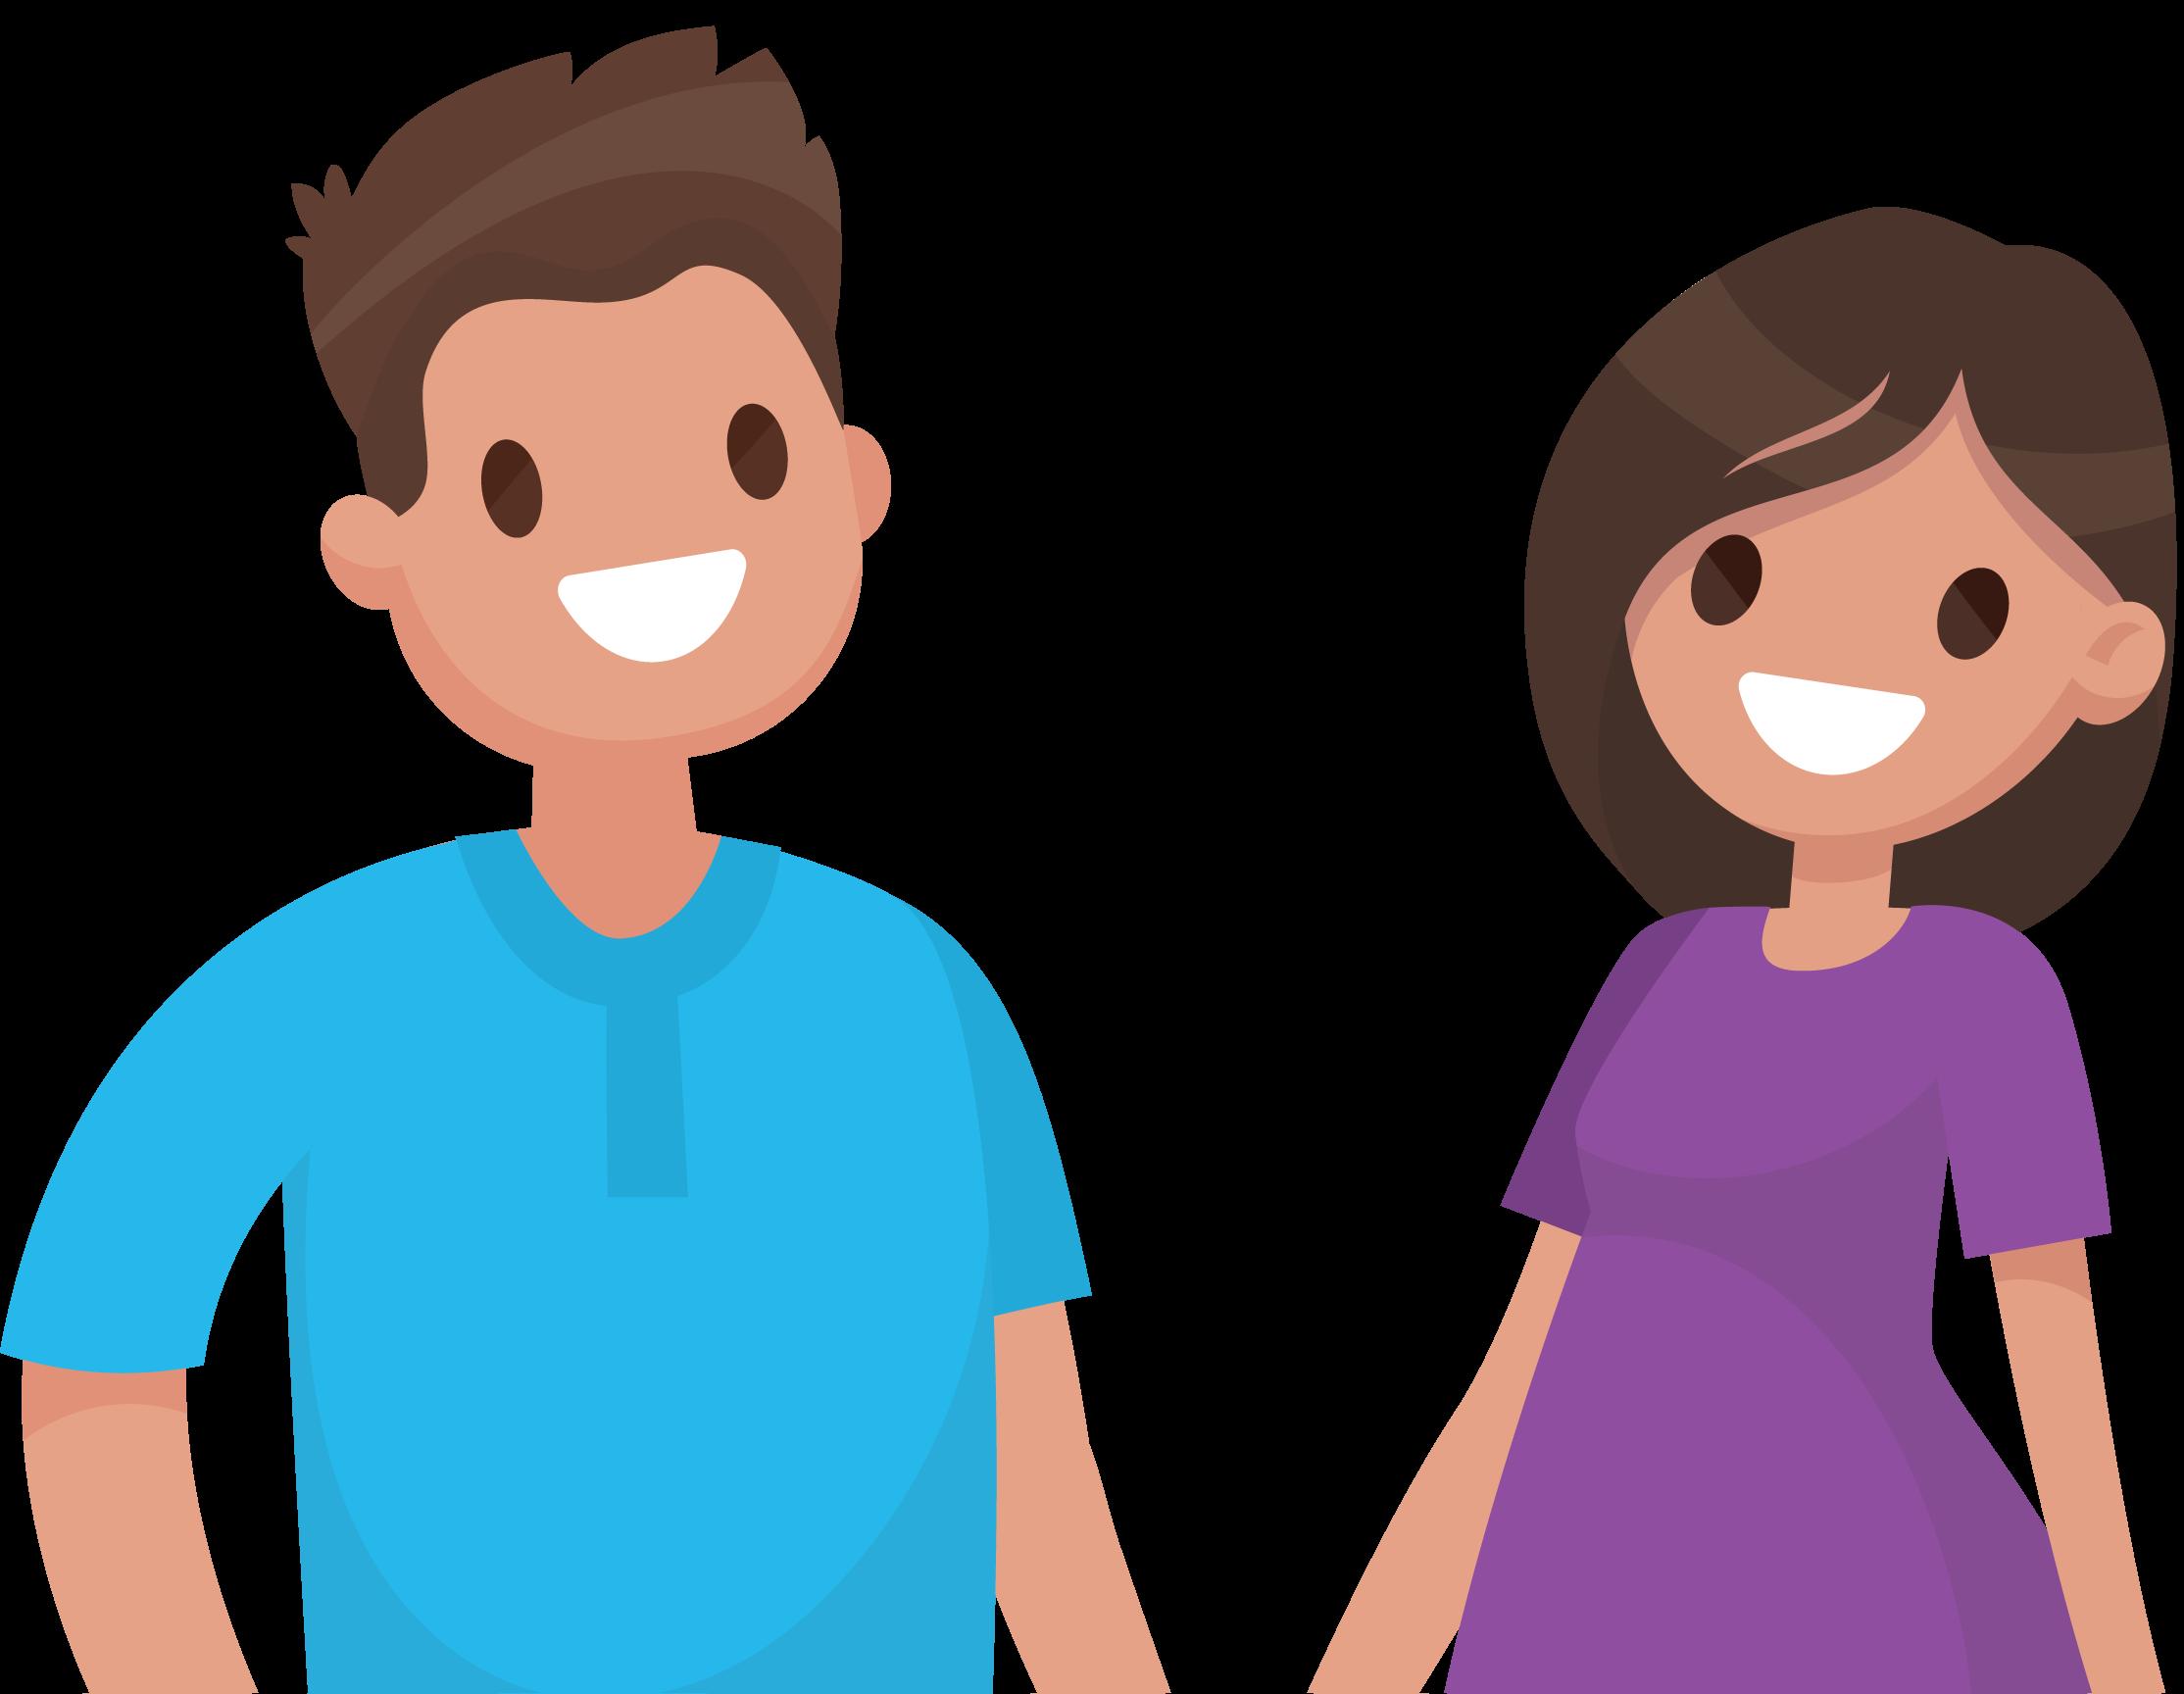 planejamento-financeiro-do-casal-4-passos-para-conquistar-a-estabilidade